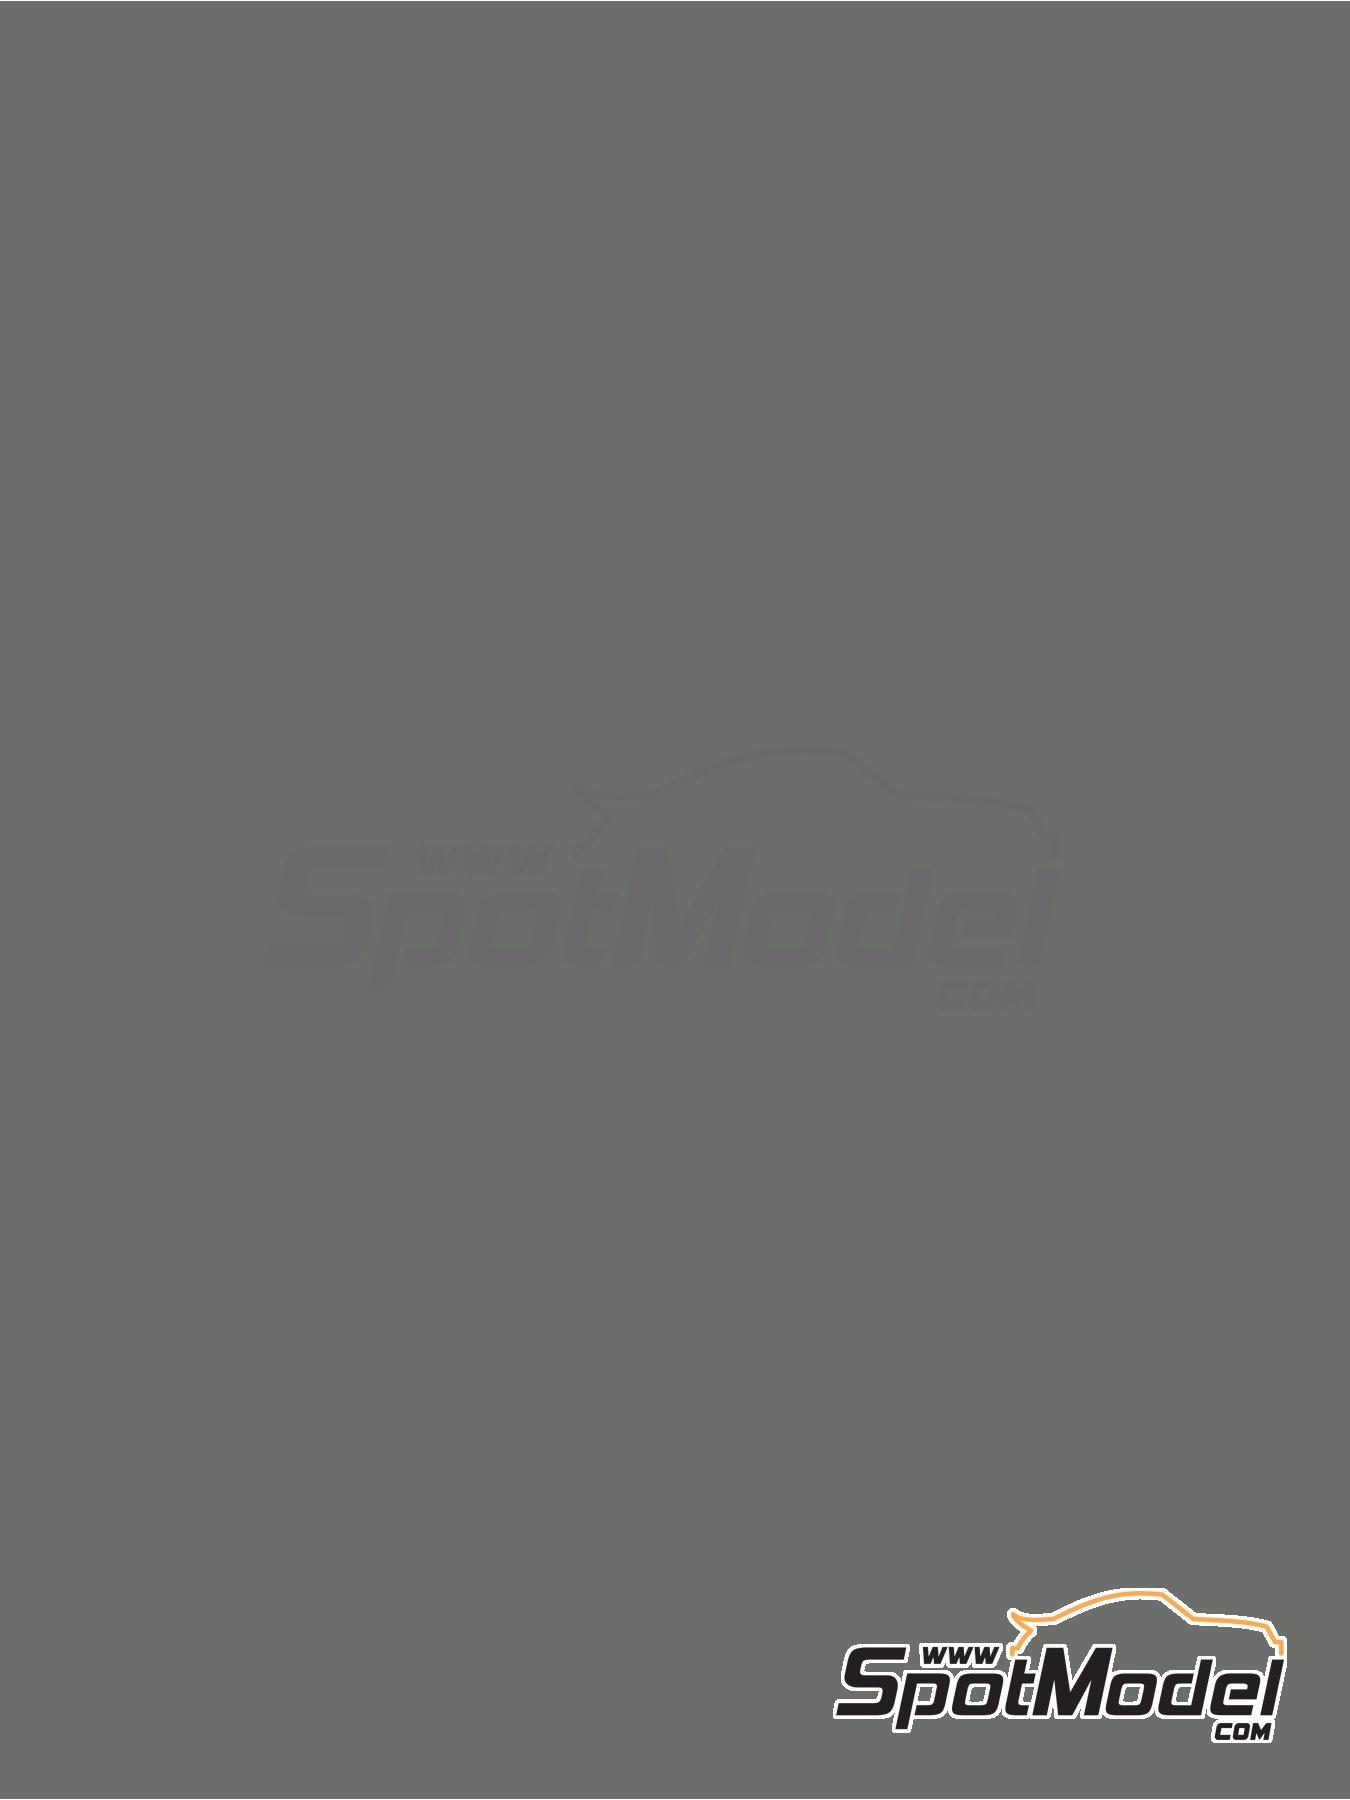 Gris ratón - RAL7005 - Mouse grey - 1 x 60ml | Pintura fabricado por Zero Paints (ref.ZP-1033-RAL7005) image